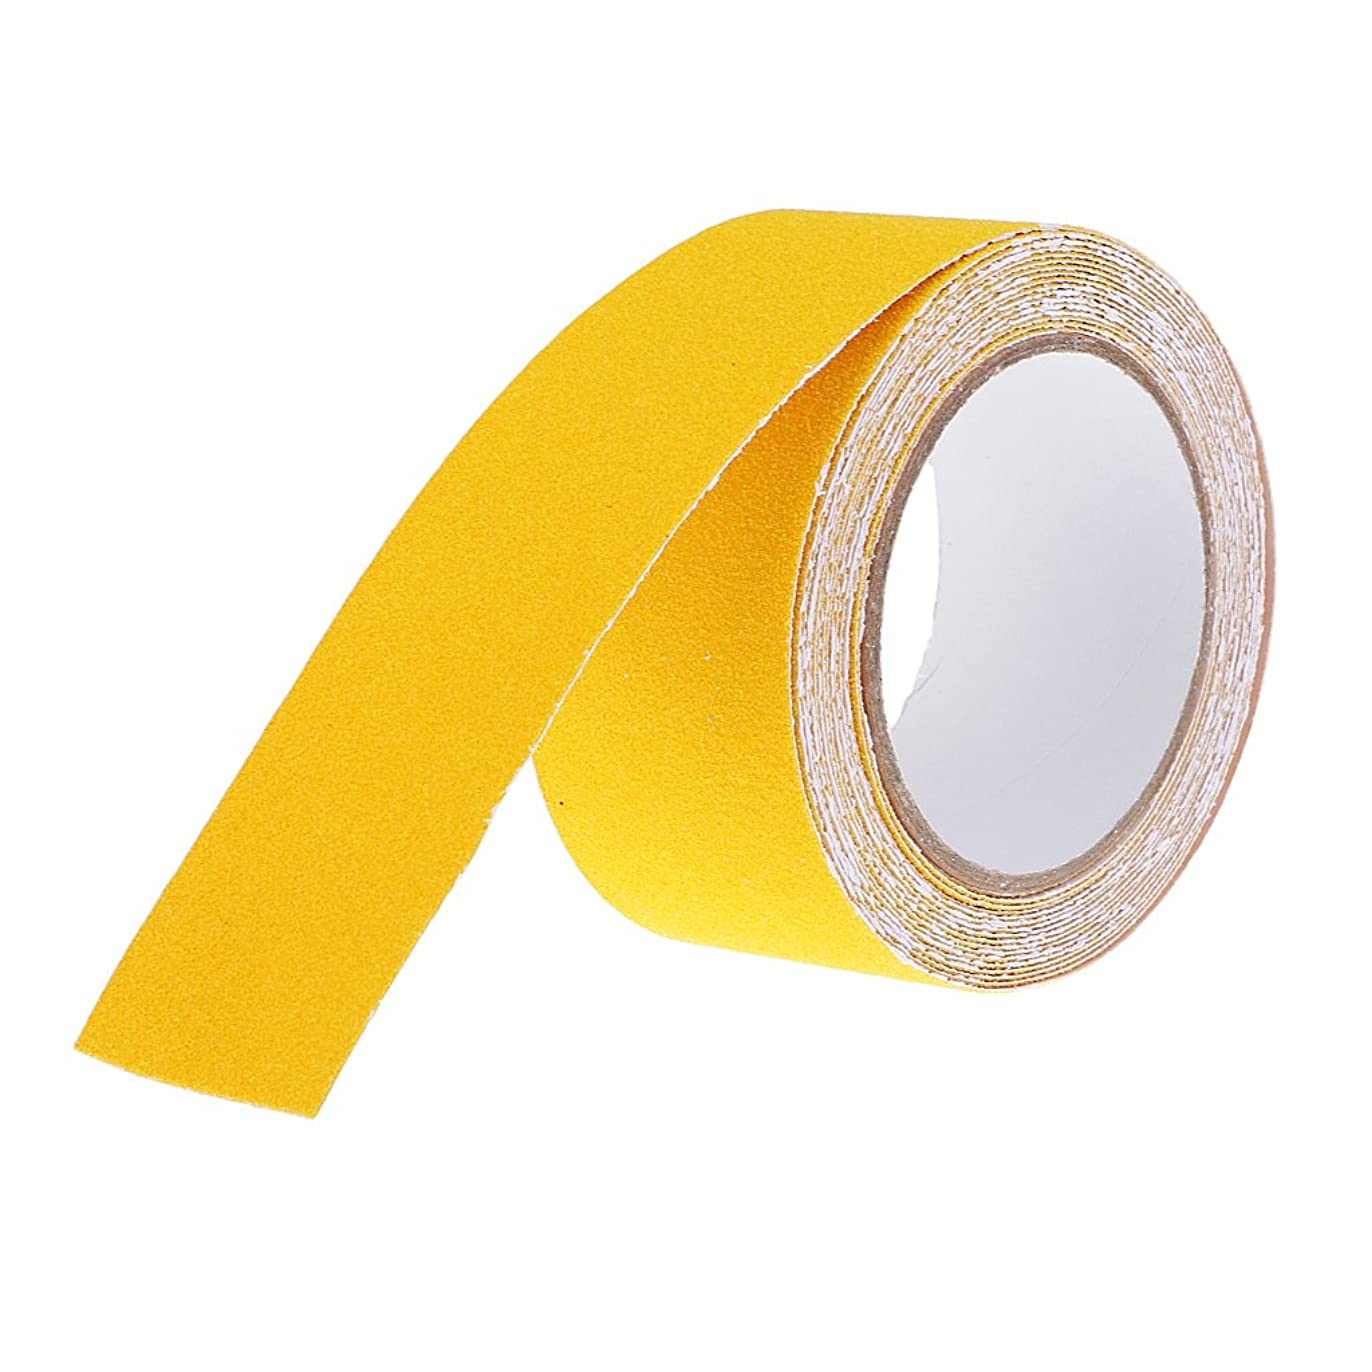 日値する広がりsharprepublic 5個 滑り止めテープ 階段 転倒防止対策 駐車場 歩道 強固な接着 多用途 5m×5cm 全8色 - 黄